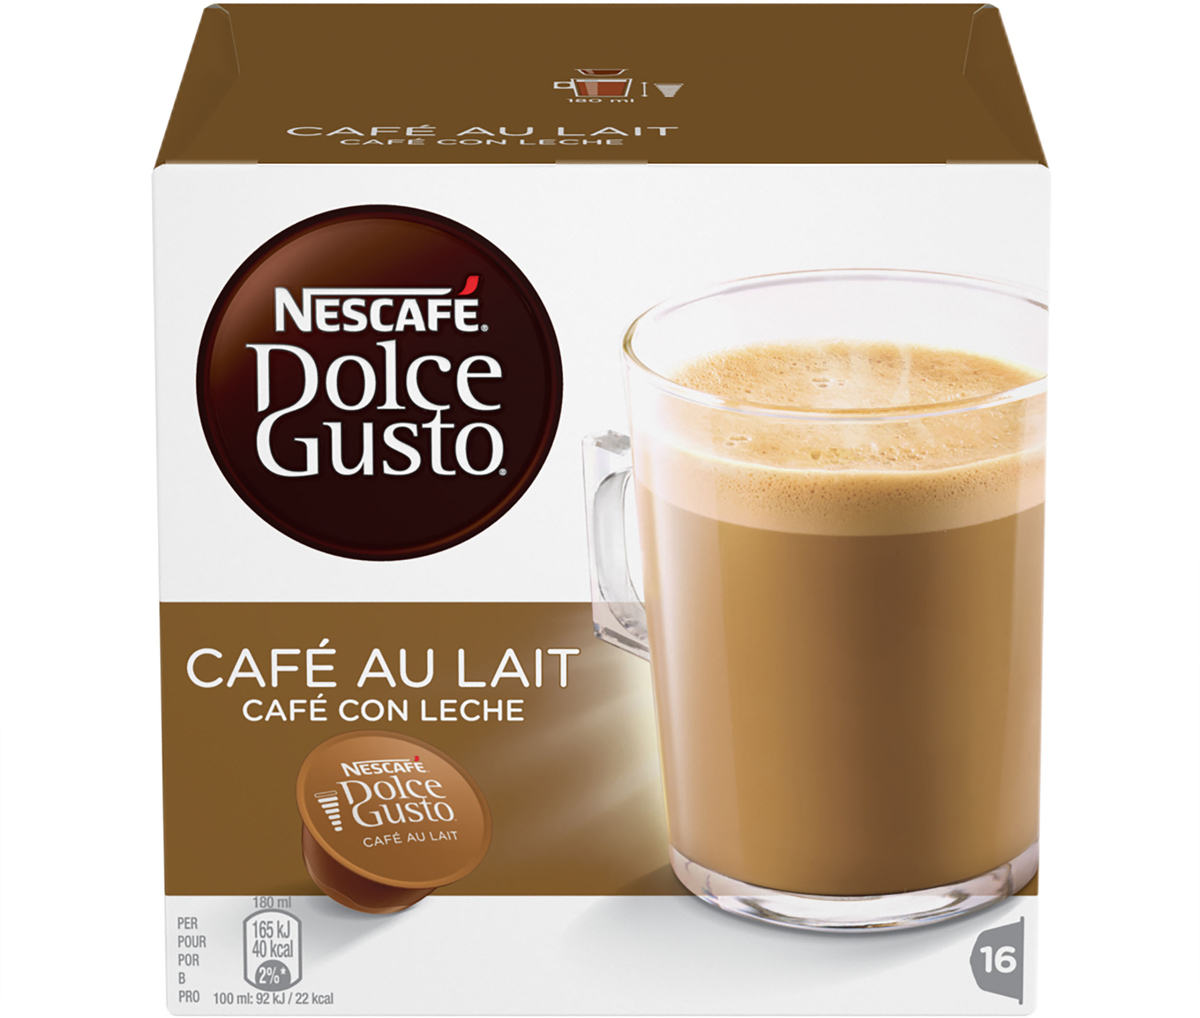 Nescafe Dolce Gusto Кофе О Ле, кофе в капсулах, 16 шт nescafe dolce gusto cortado эспрессо с молоком кофе в капсулах 16 шт